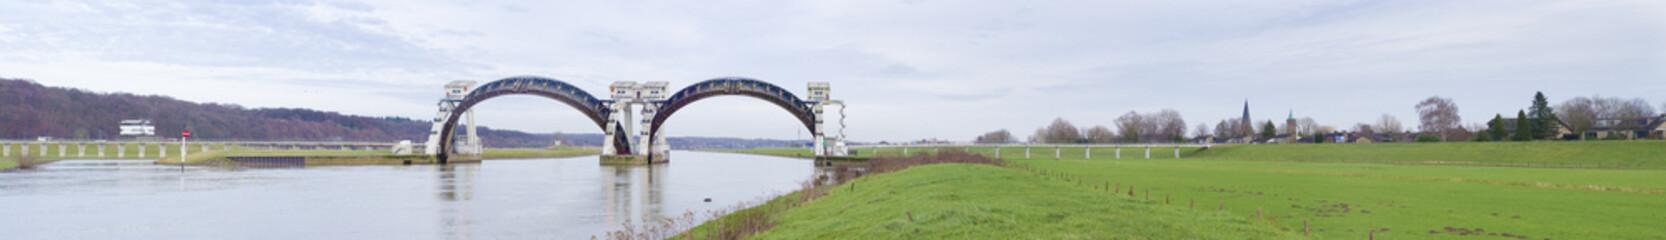 Driel weir in the Netherlands